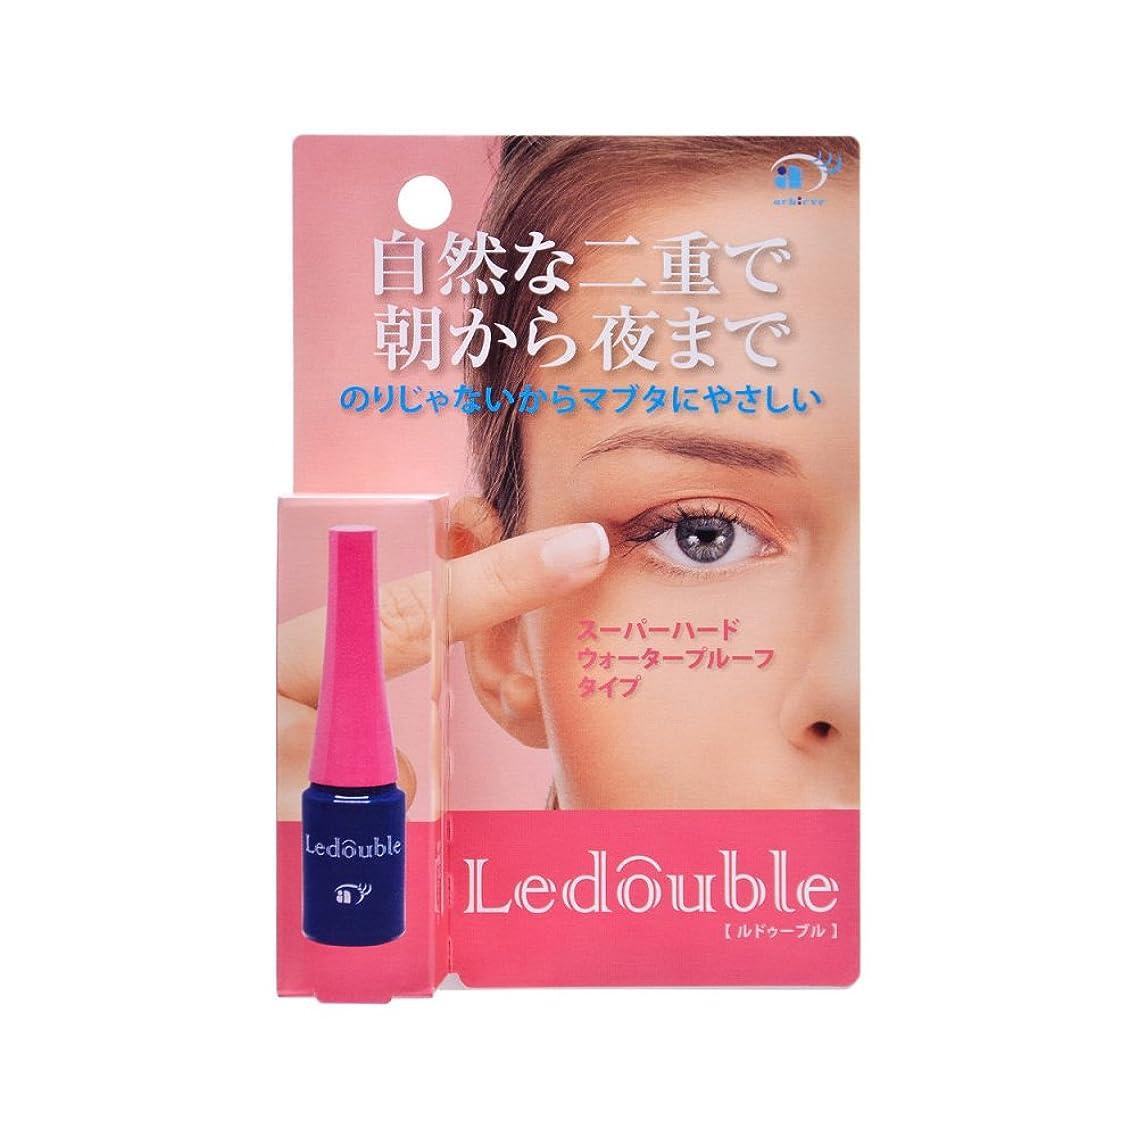 アコード器官会議Ledouble [ルドゥーブル] 二重まぶた化粧品 (2mL)